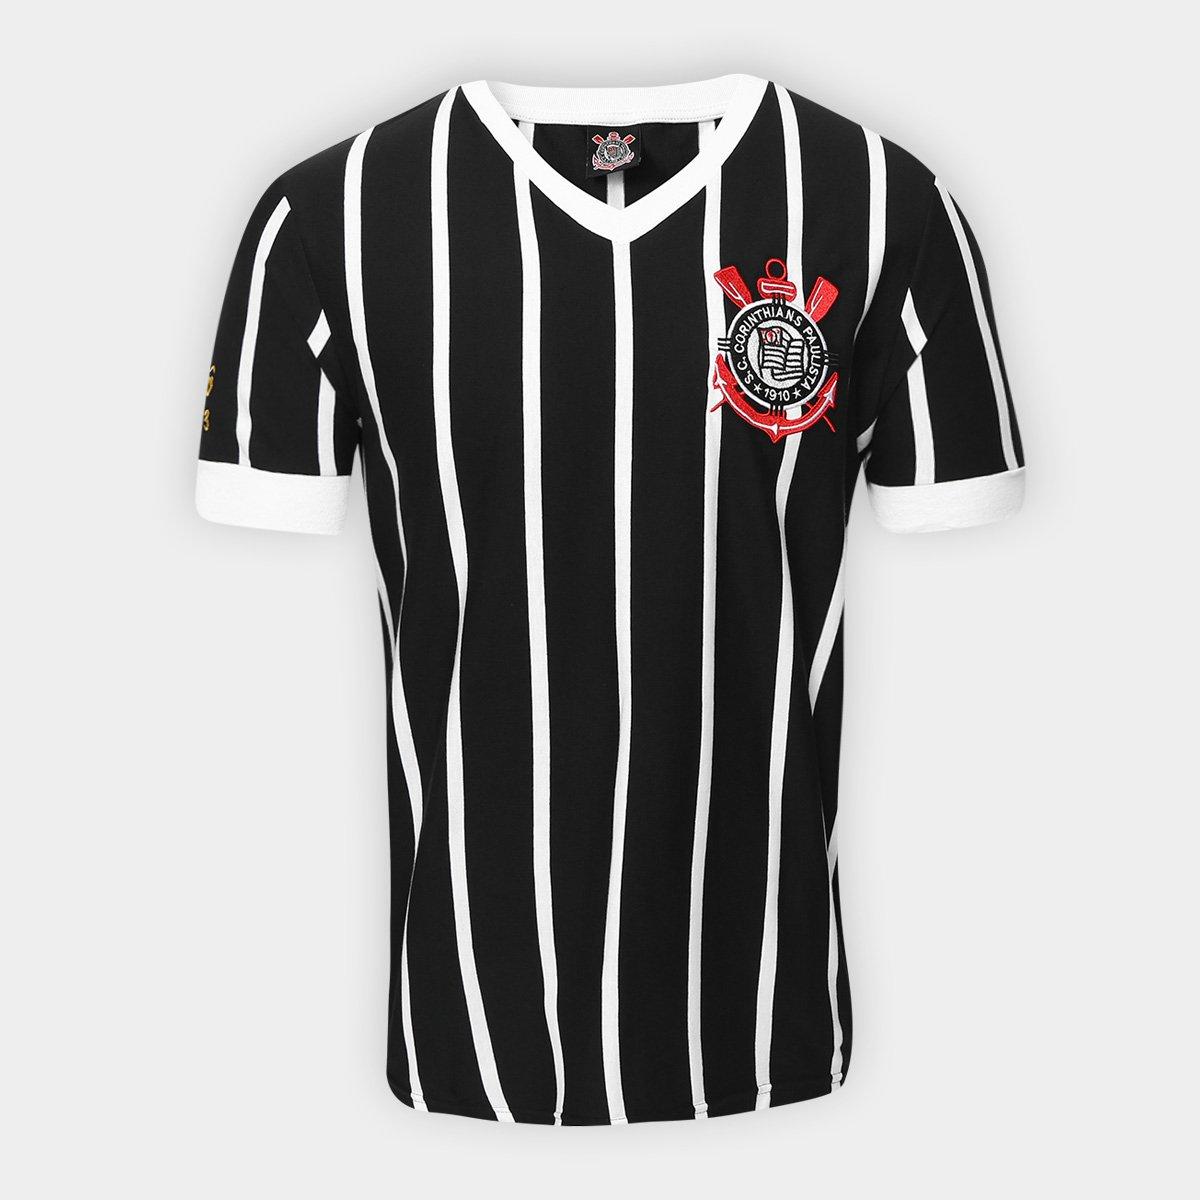 Camiseta Corinthians Réplica 1983 Masculina d5d6fae79e1da